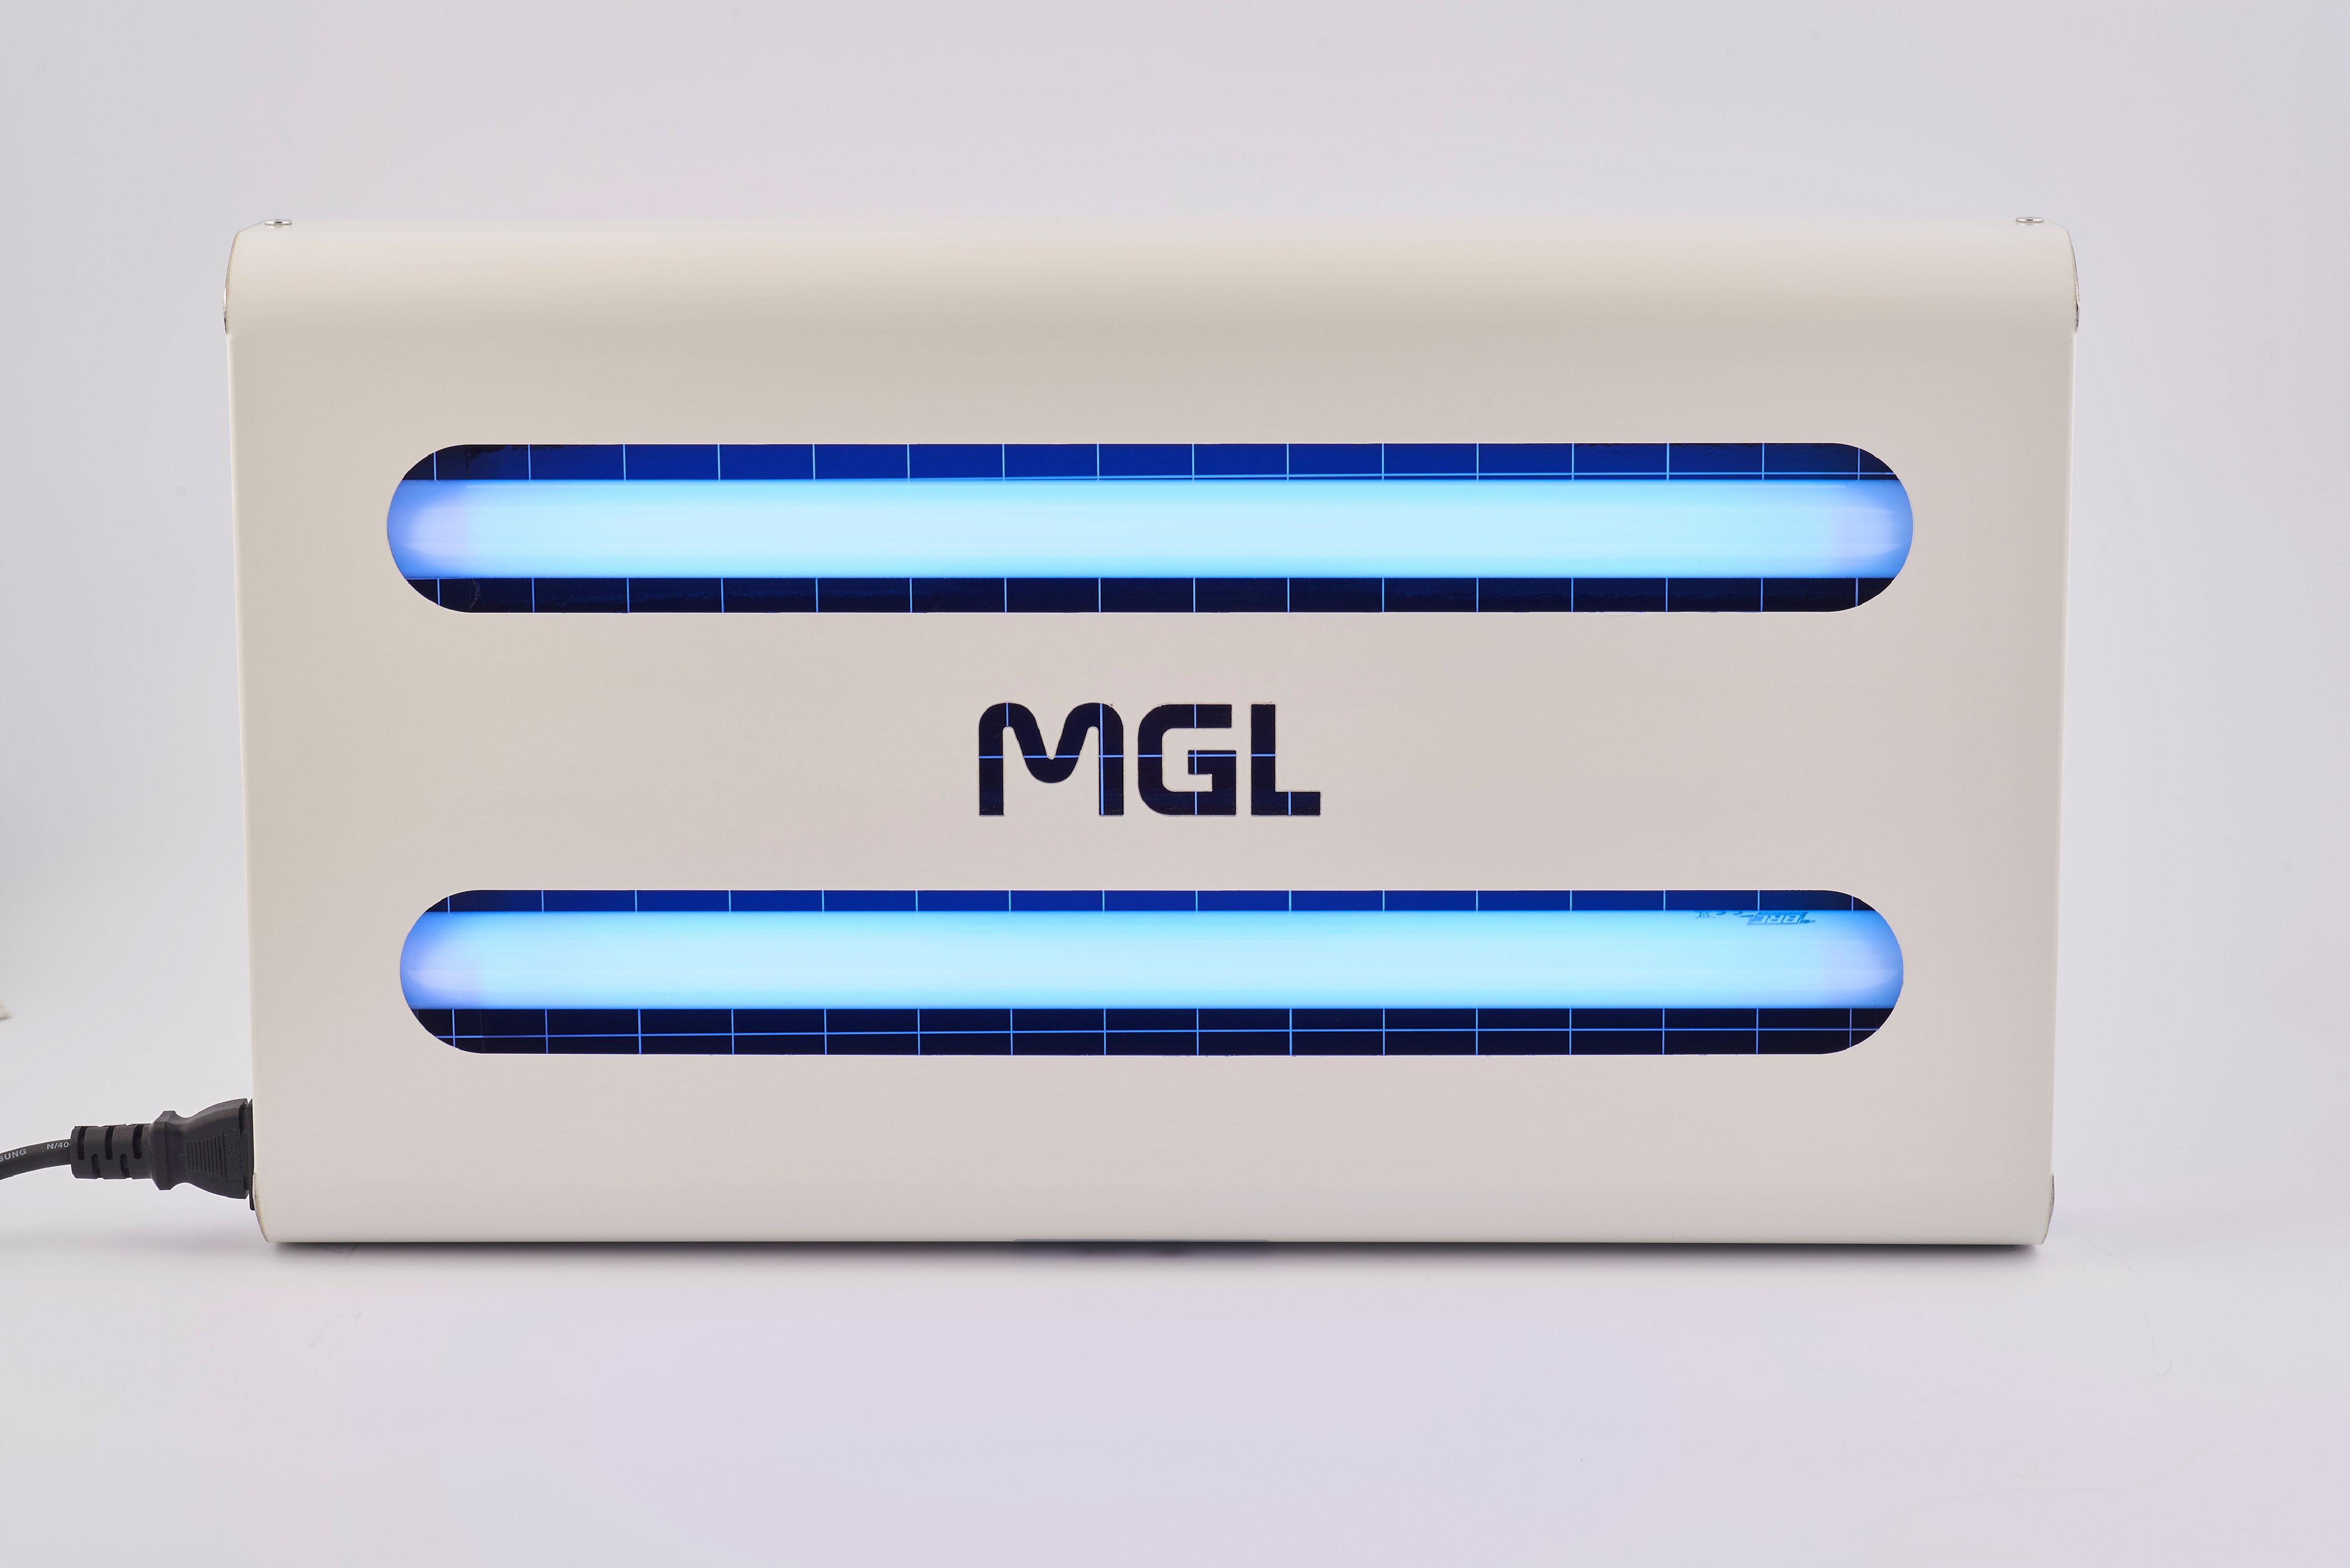 Μεταλλική επιτοίχια ηλεκτρική εντομοπαγίδα MGL